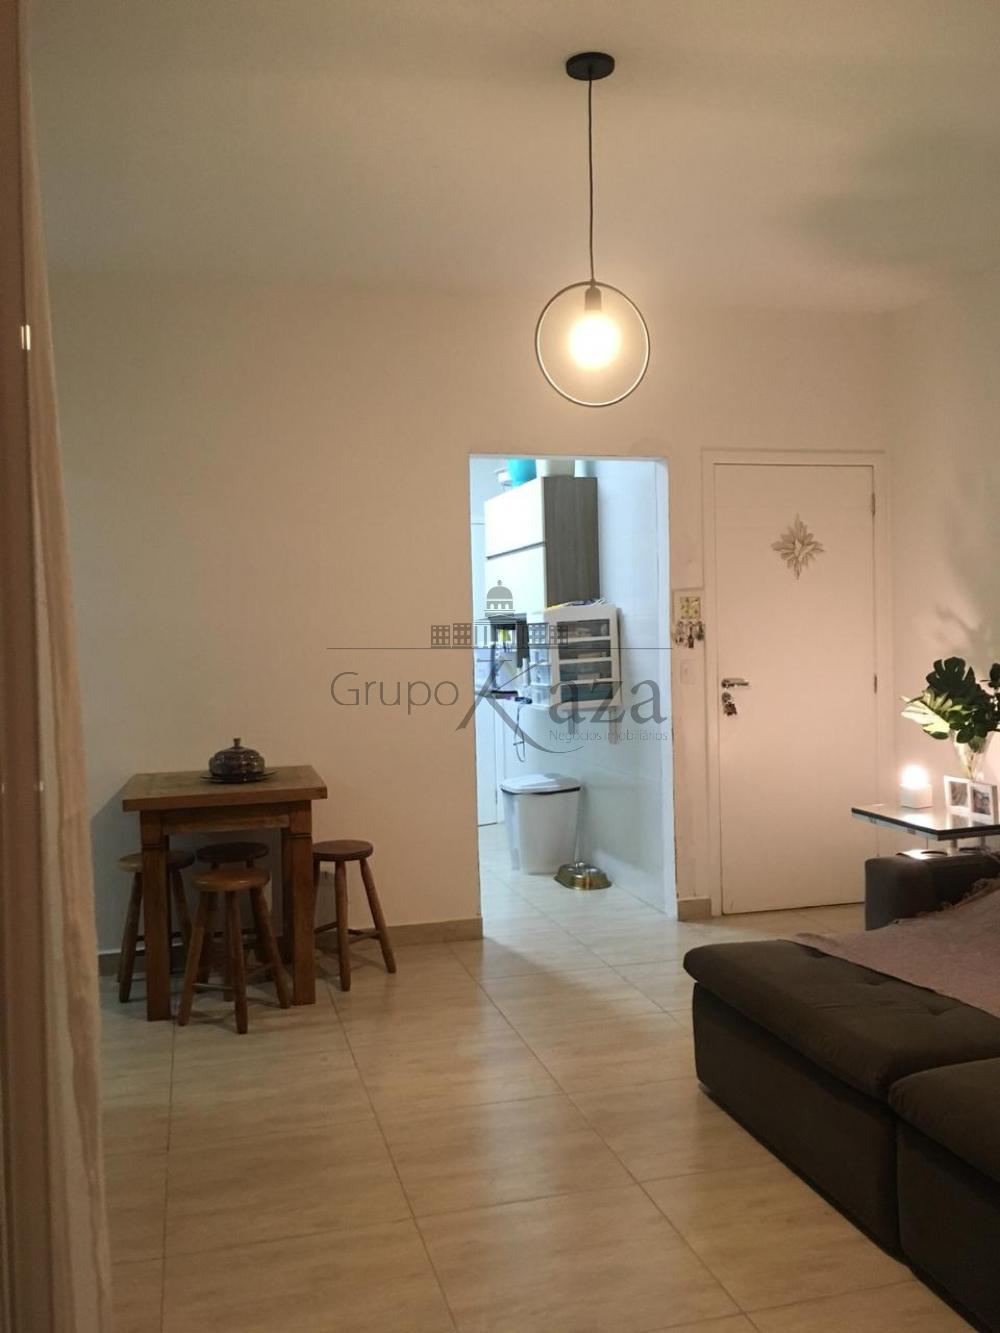 Alugar Apartamento / Padrão em São José dos Campos R$ 2.100,00 - Foto 4